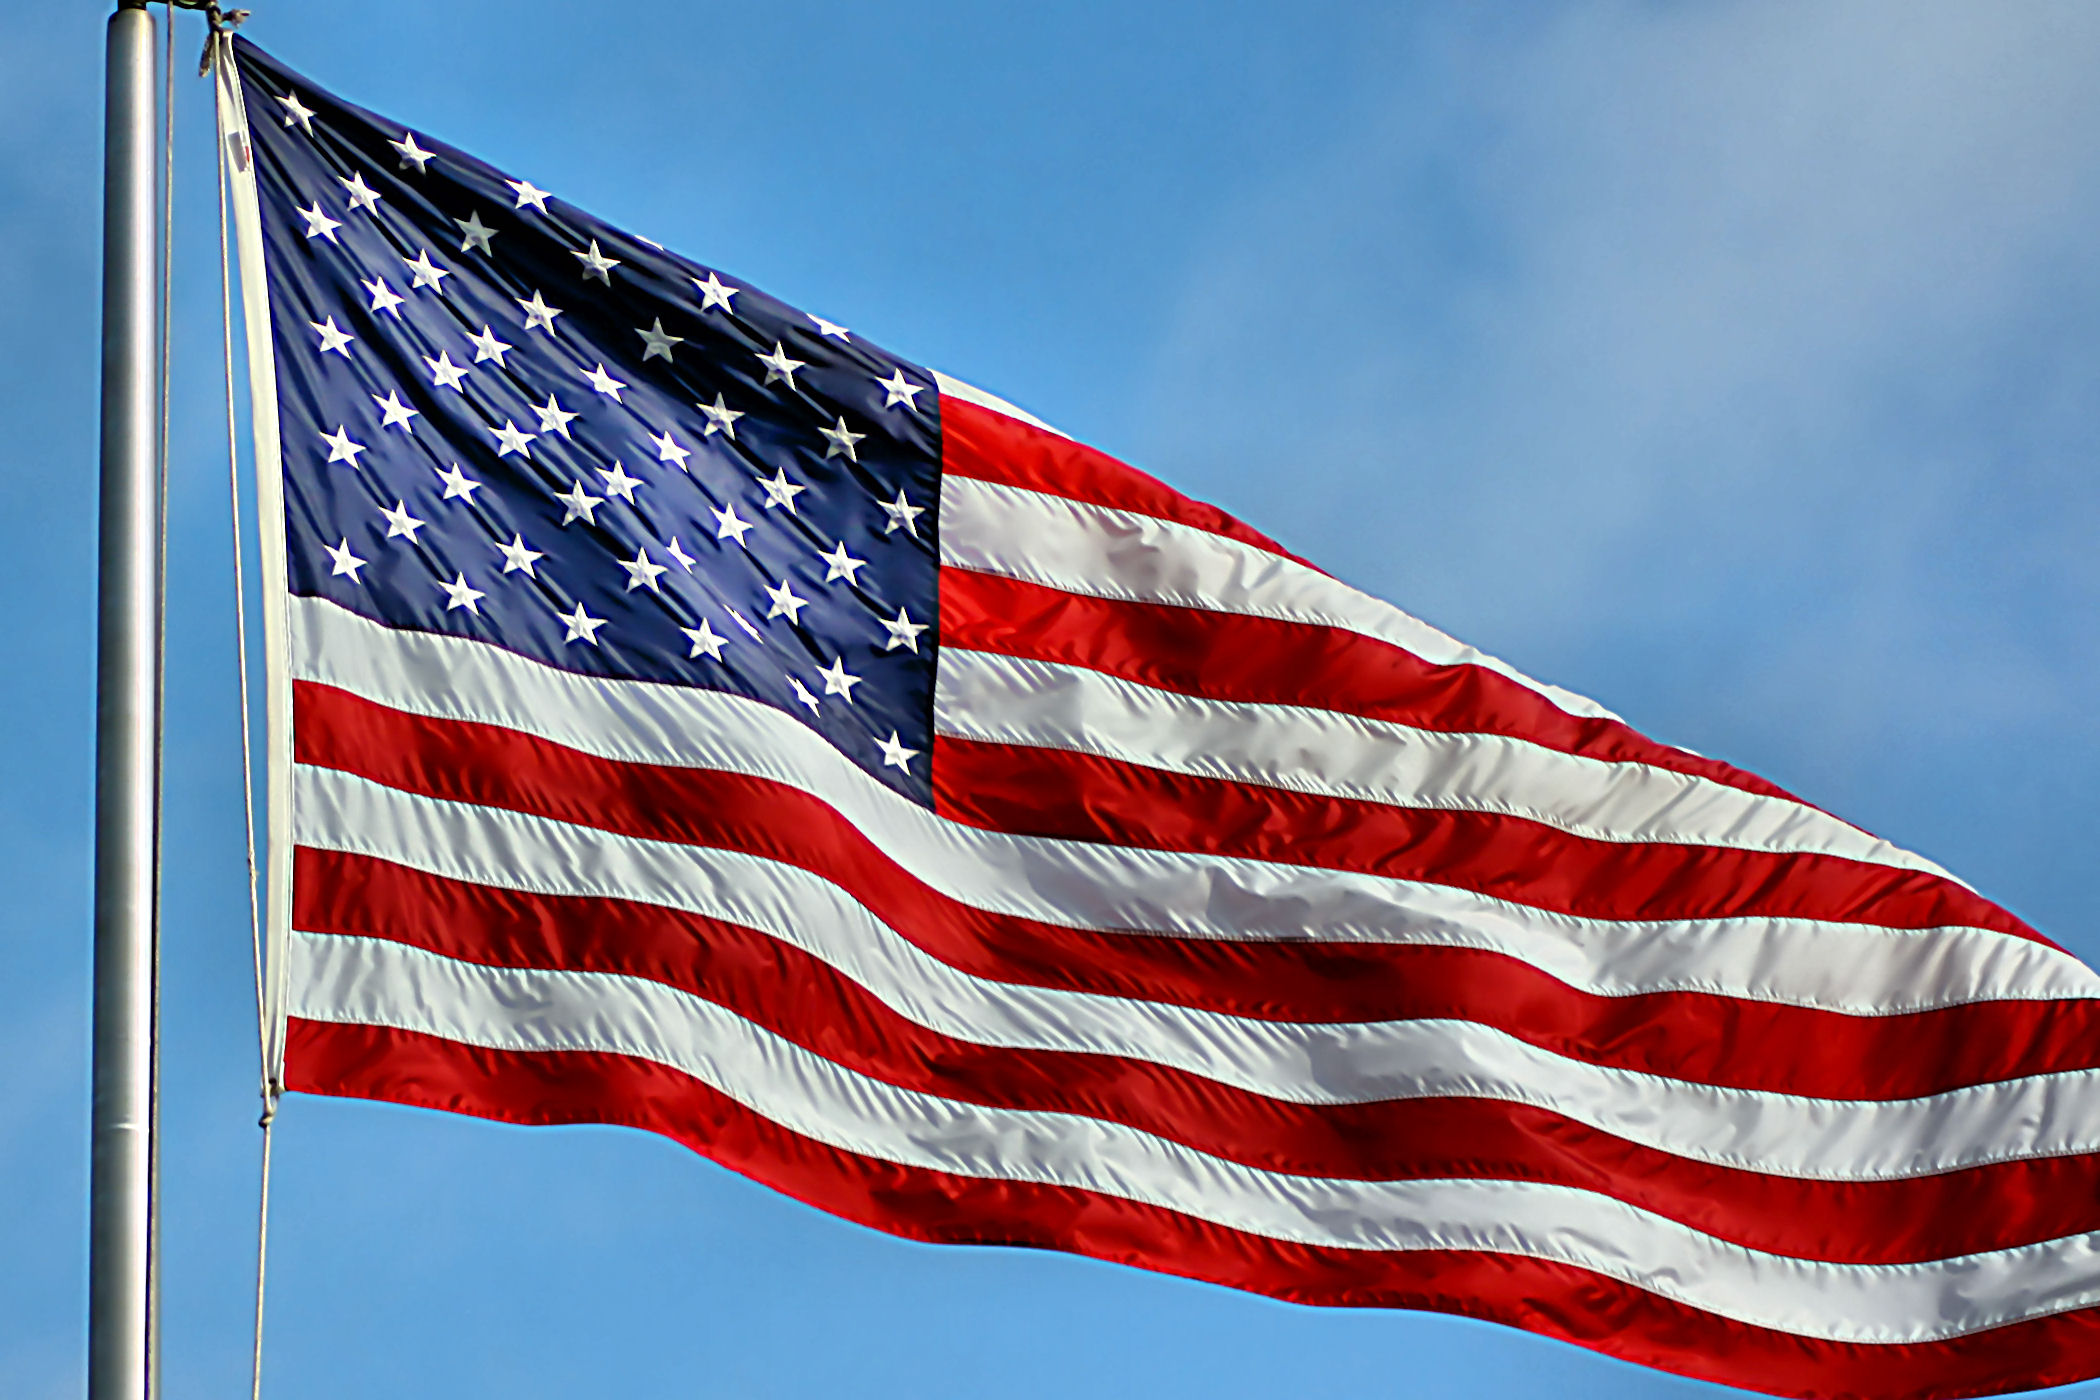 وزارة التجارة الأمريكية : مبيعات التجزئة تتراجع قياسيا تأثرا بكورونا